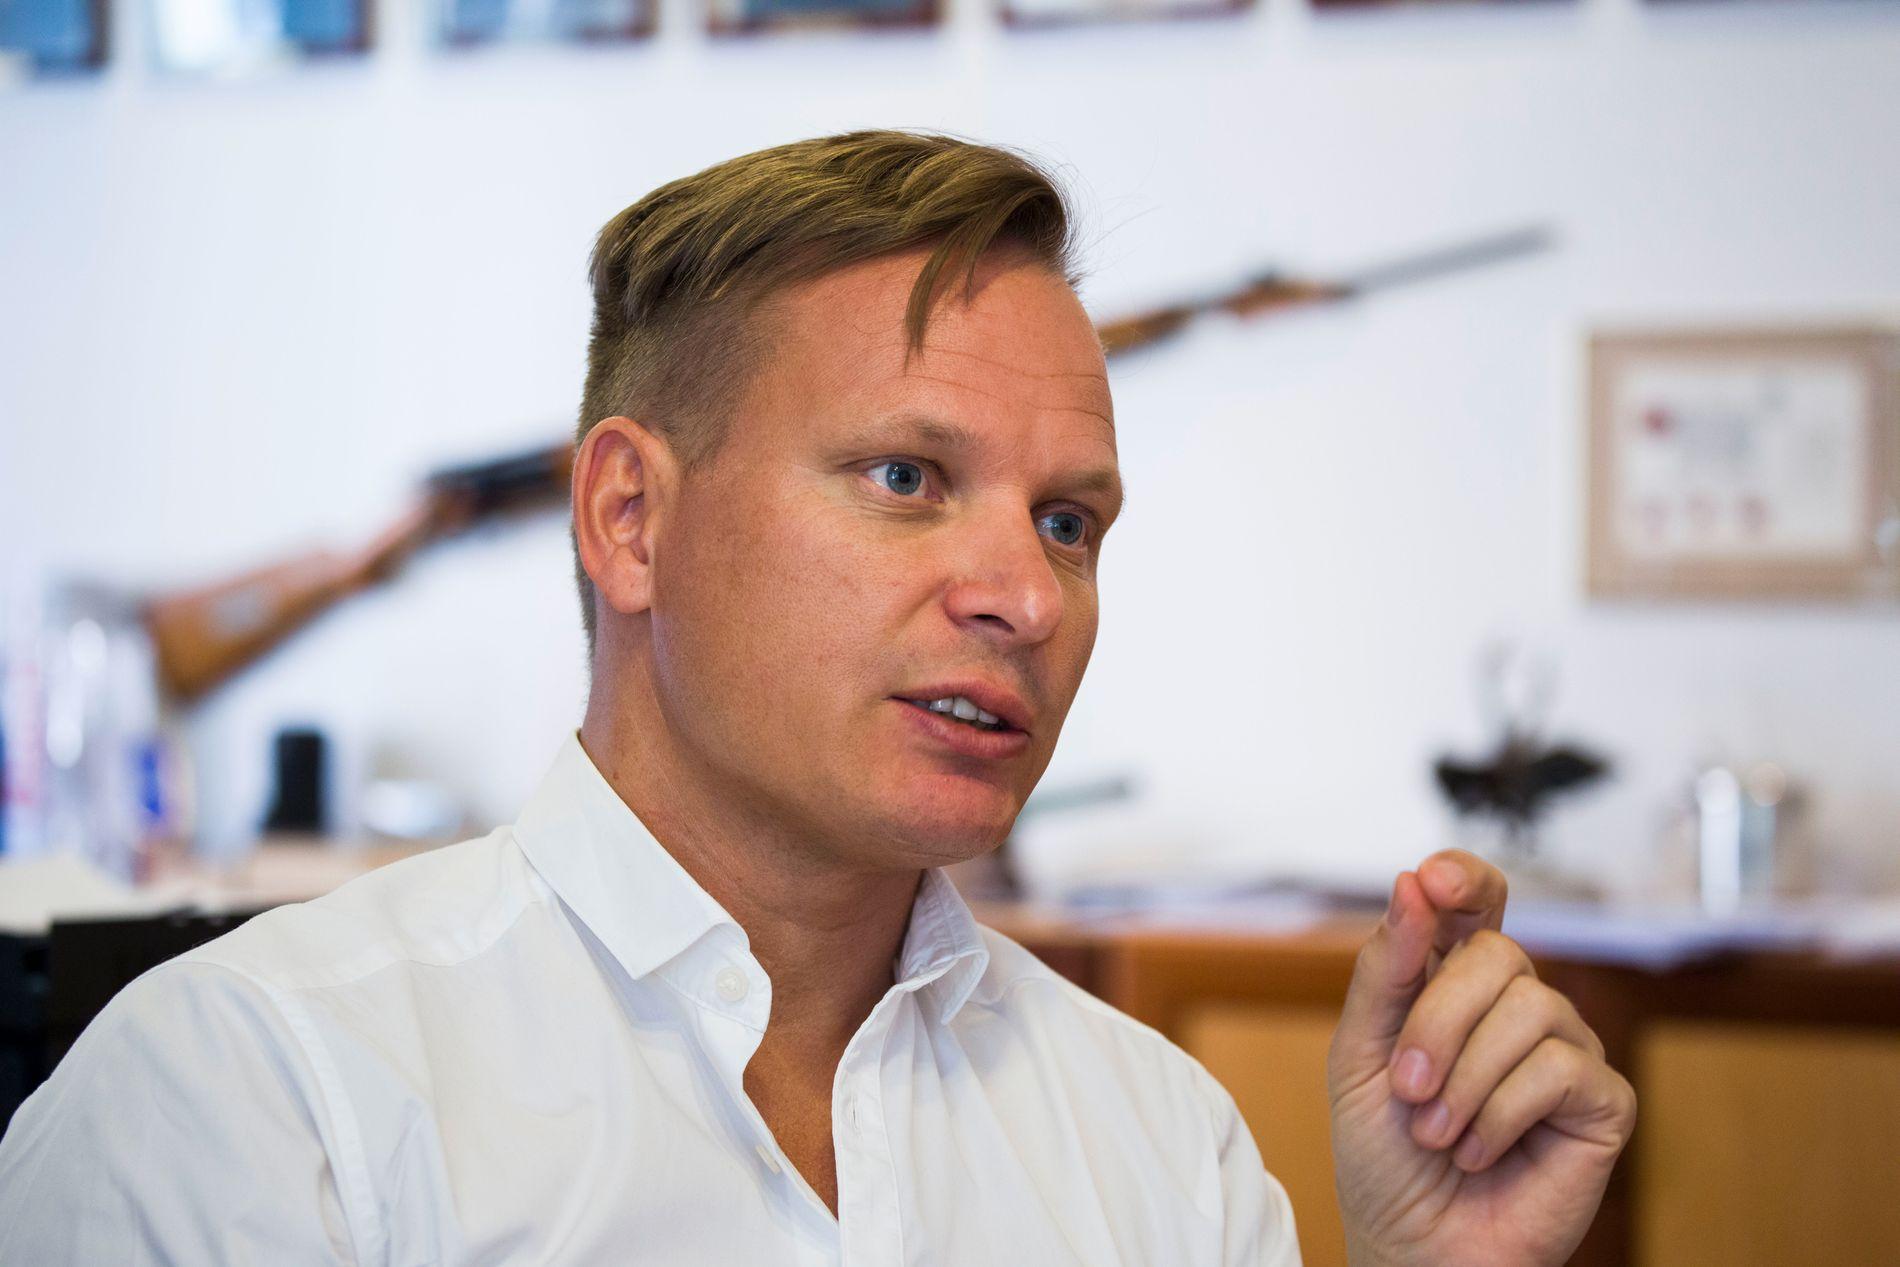 SKADD VETERAN: Cato Ravnås måtte saksøke staten for å få erstatning for ødelagt helse i Afghanistan. Dommen kan gjøre det lettere for andre veteraner fra utenlandstjeneste å vinne fram.